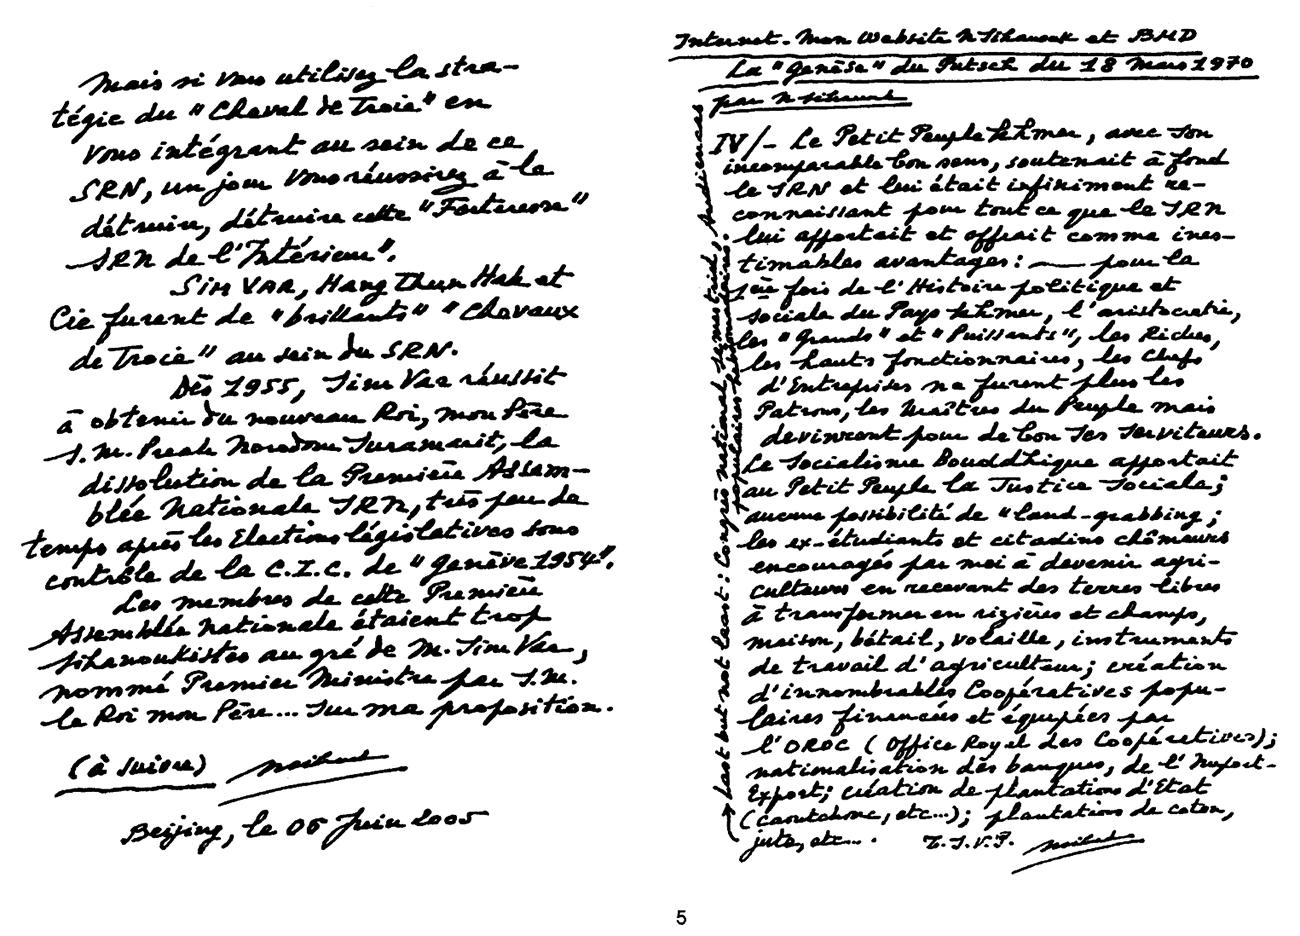 All/document/Documents/LaGenseduPutschdu18Mars1970/LaGenseduPutschdu18Mars1970/id2320/photo005.jpg